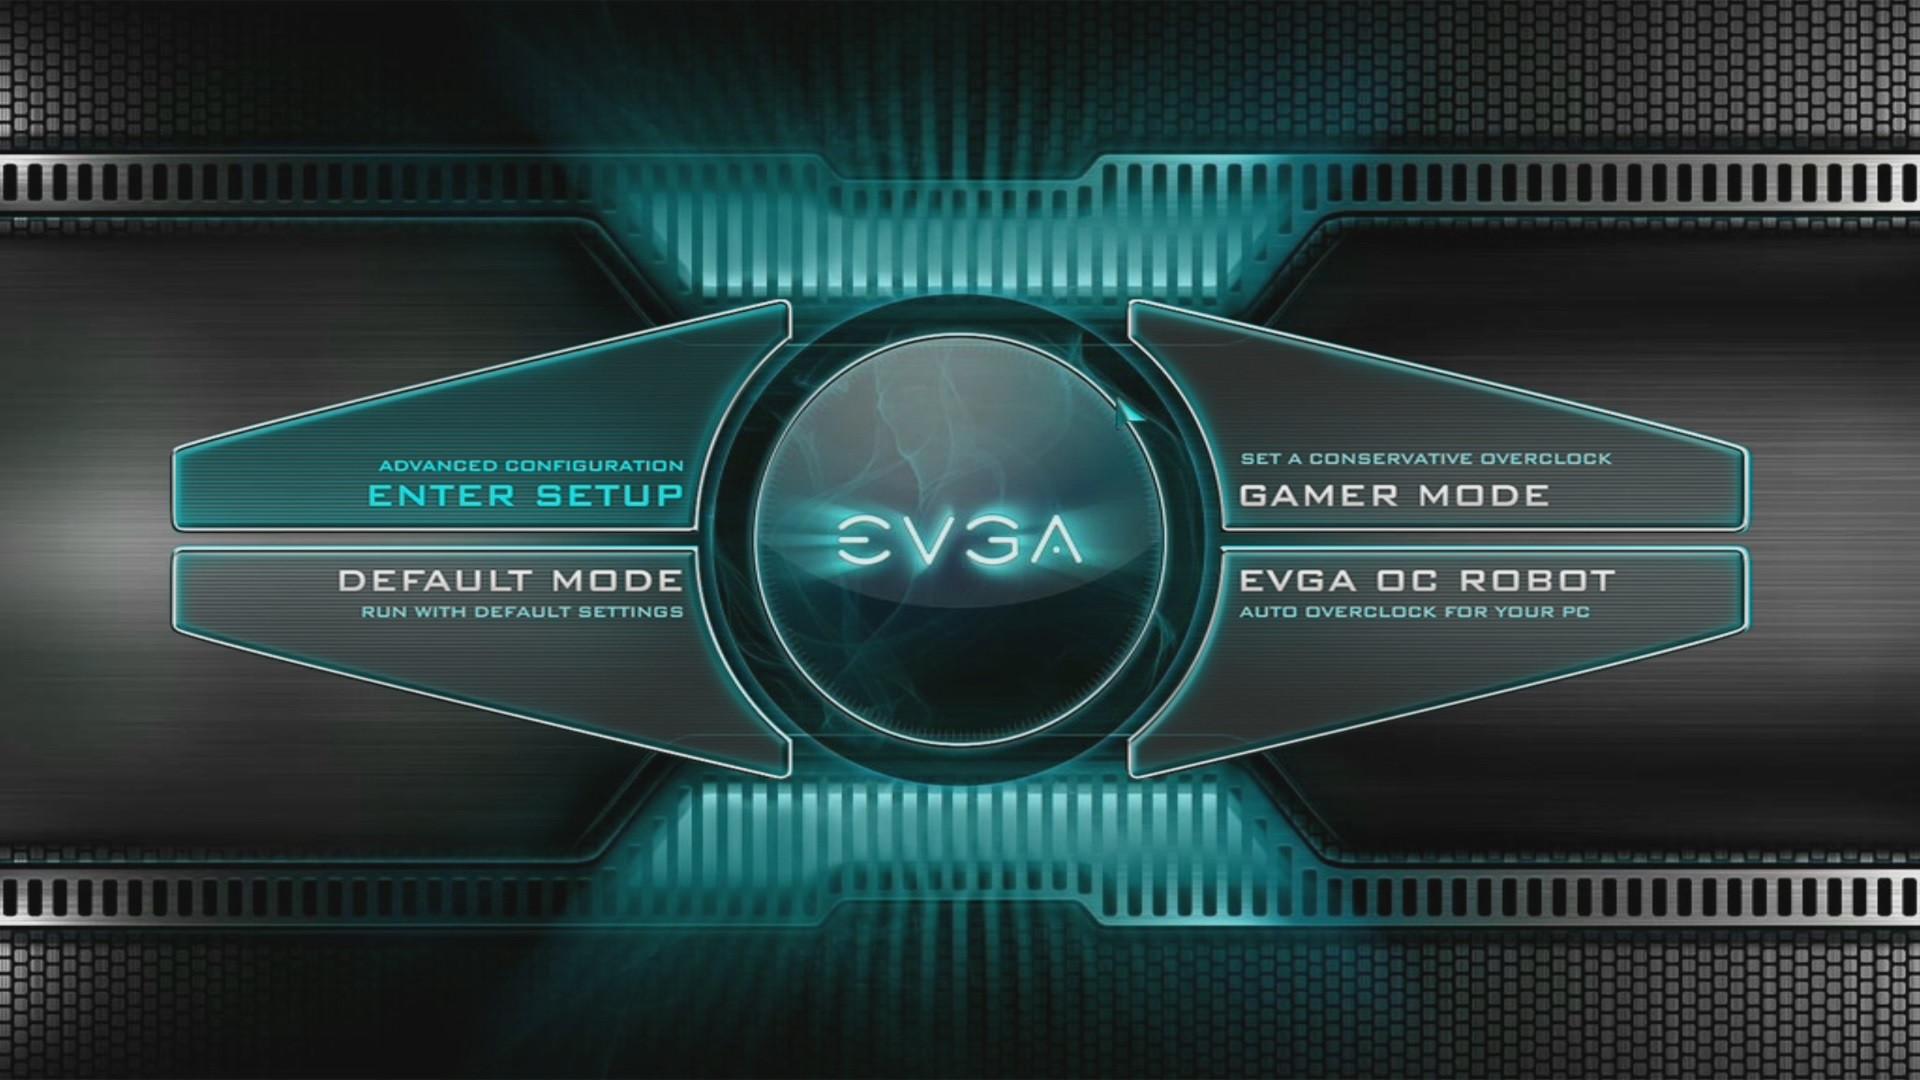 EVGA X299 DARK BIOS Update Includes In-BIOS Stress Test and